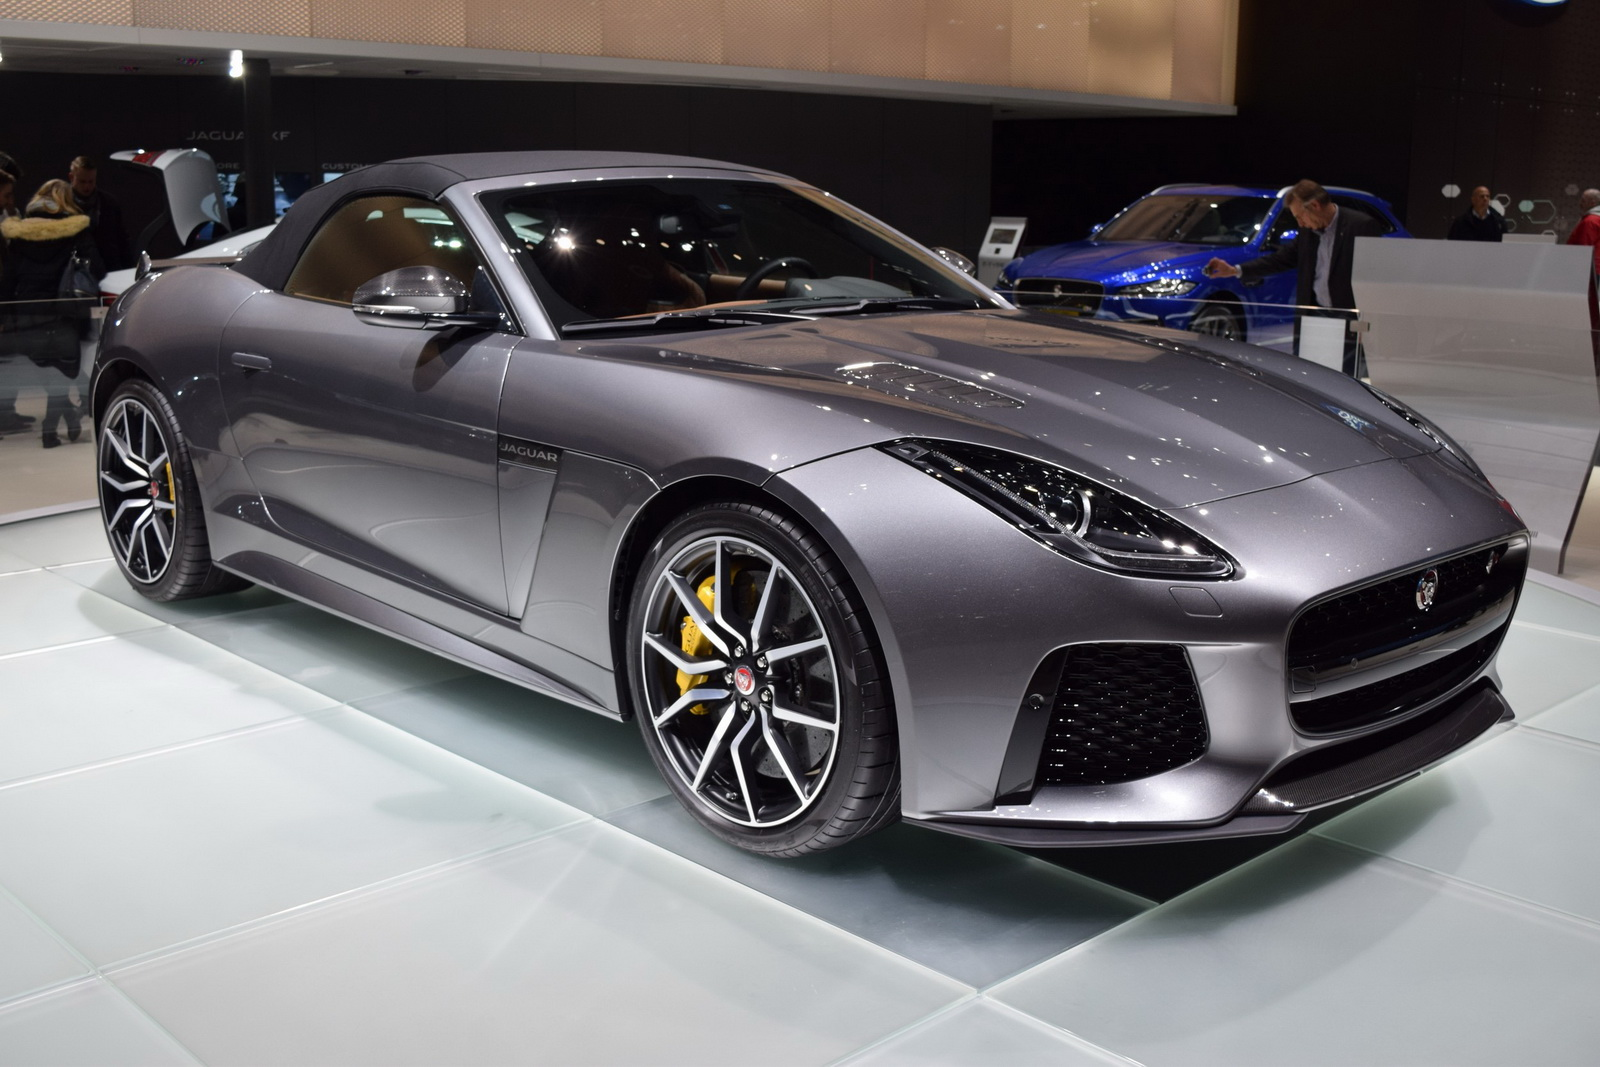 jaguarf-typecabrio.jpg